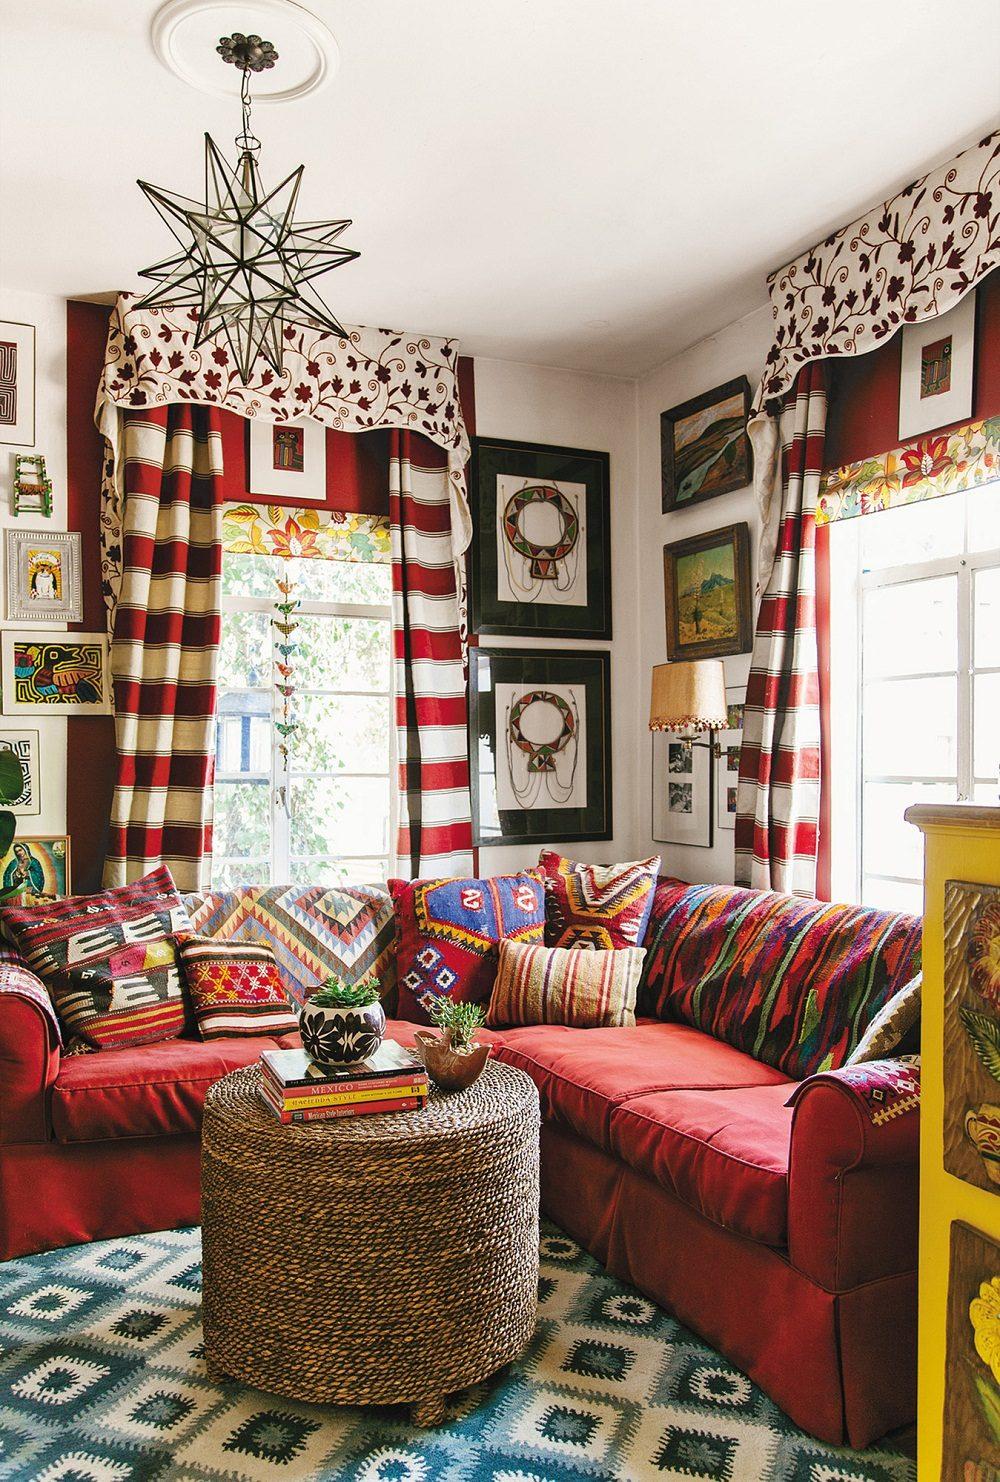 Thiết kế phòng khách phong cách Bohemian cực ấn tượng - 13